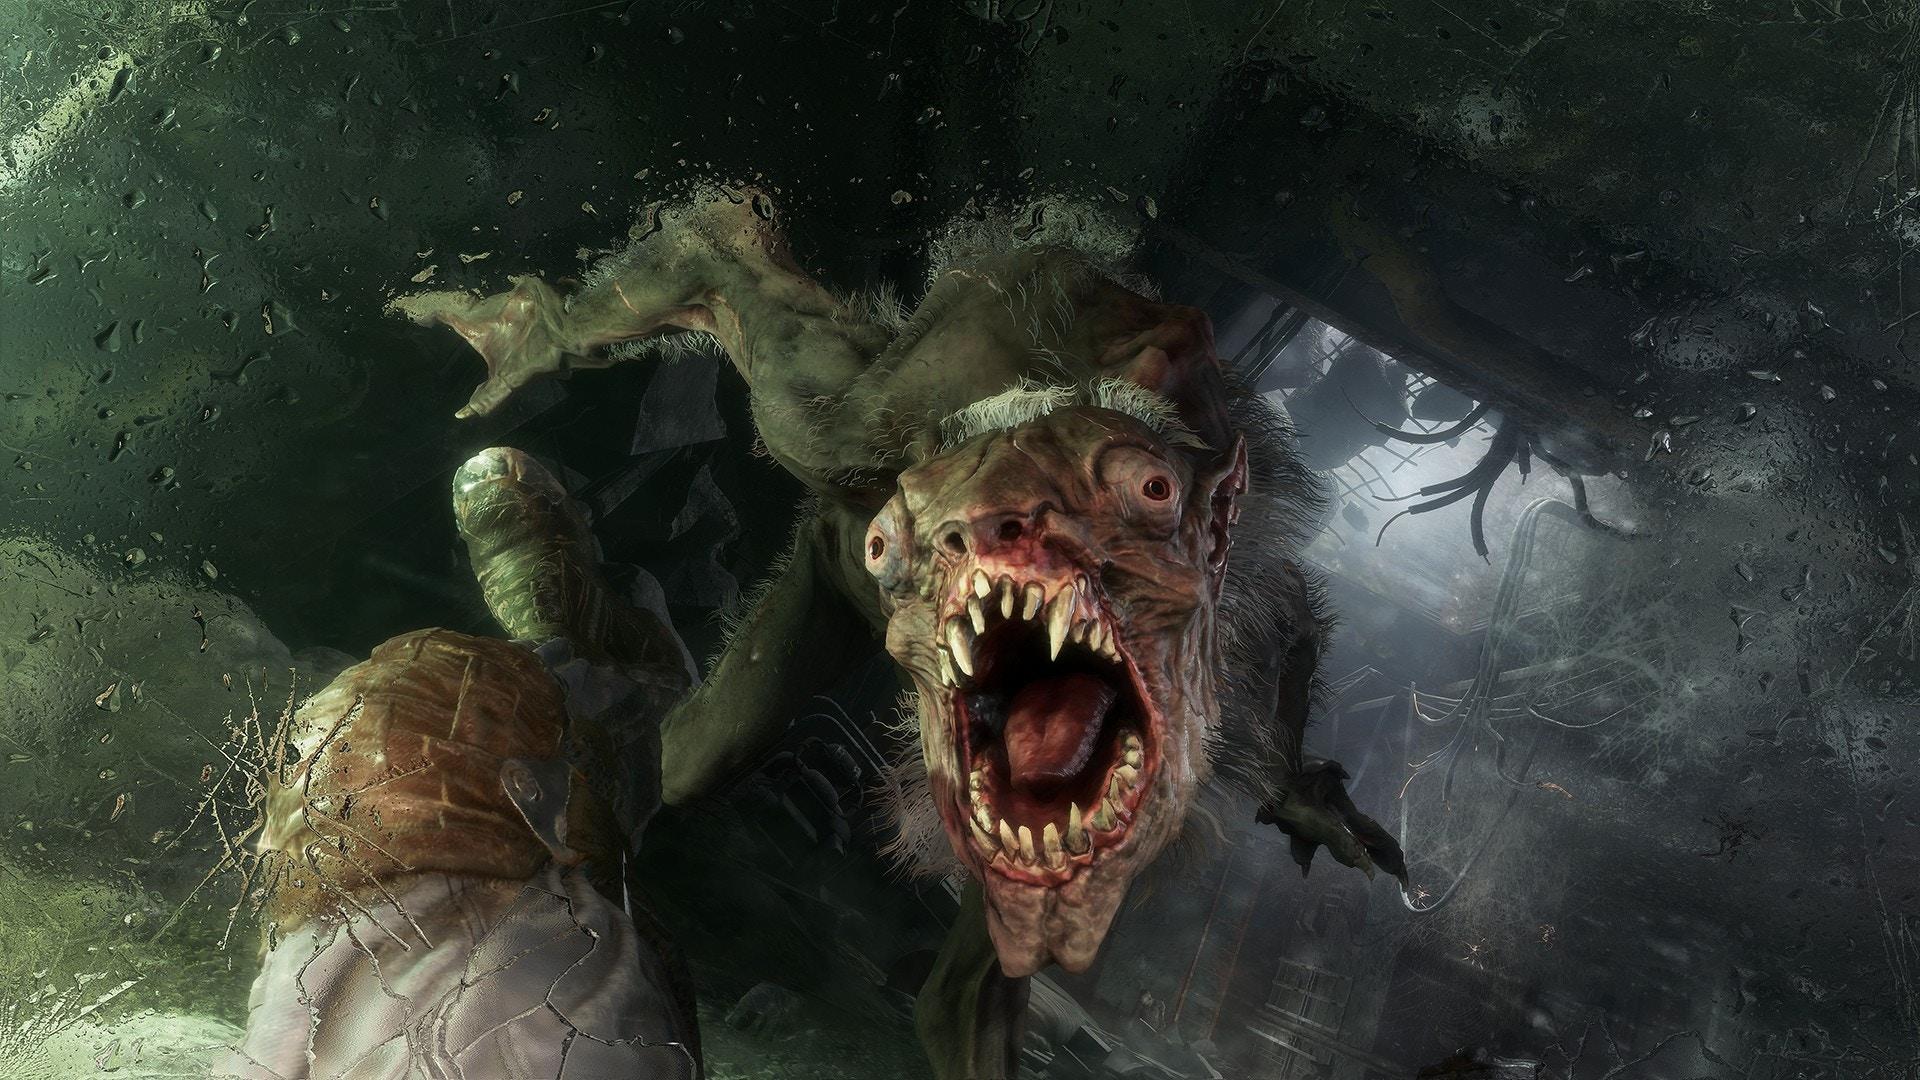 Steam一周销量排行榜 《破坏领主》成功卫冕冠军